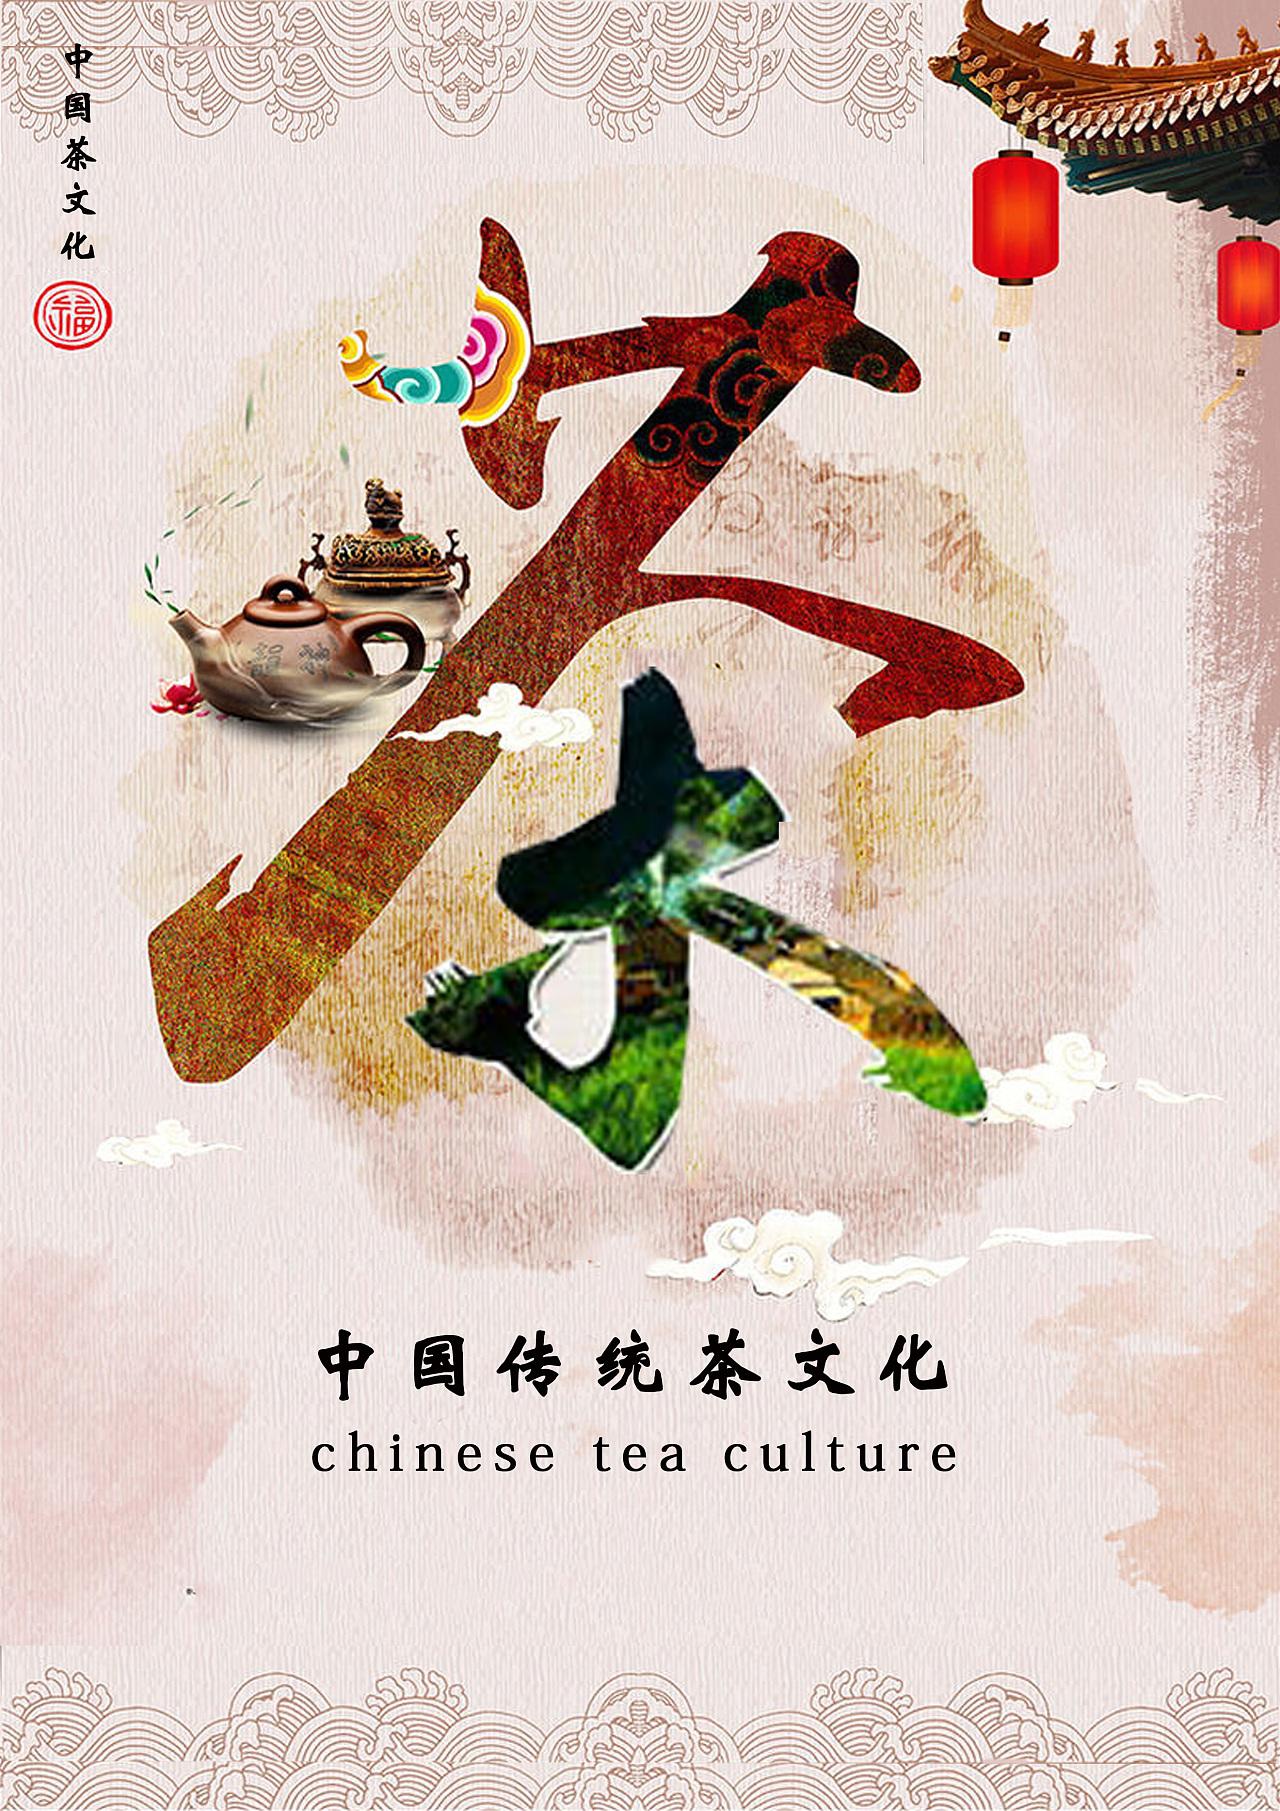 中国传统文化茶文化_中国传统茶文化|平面|海报|王贤辉 - 原创作品 - 站酷 (ZCOOL)